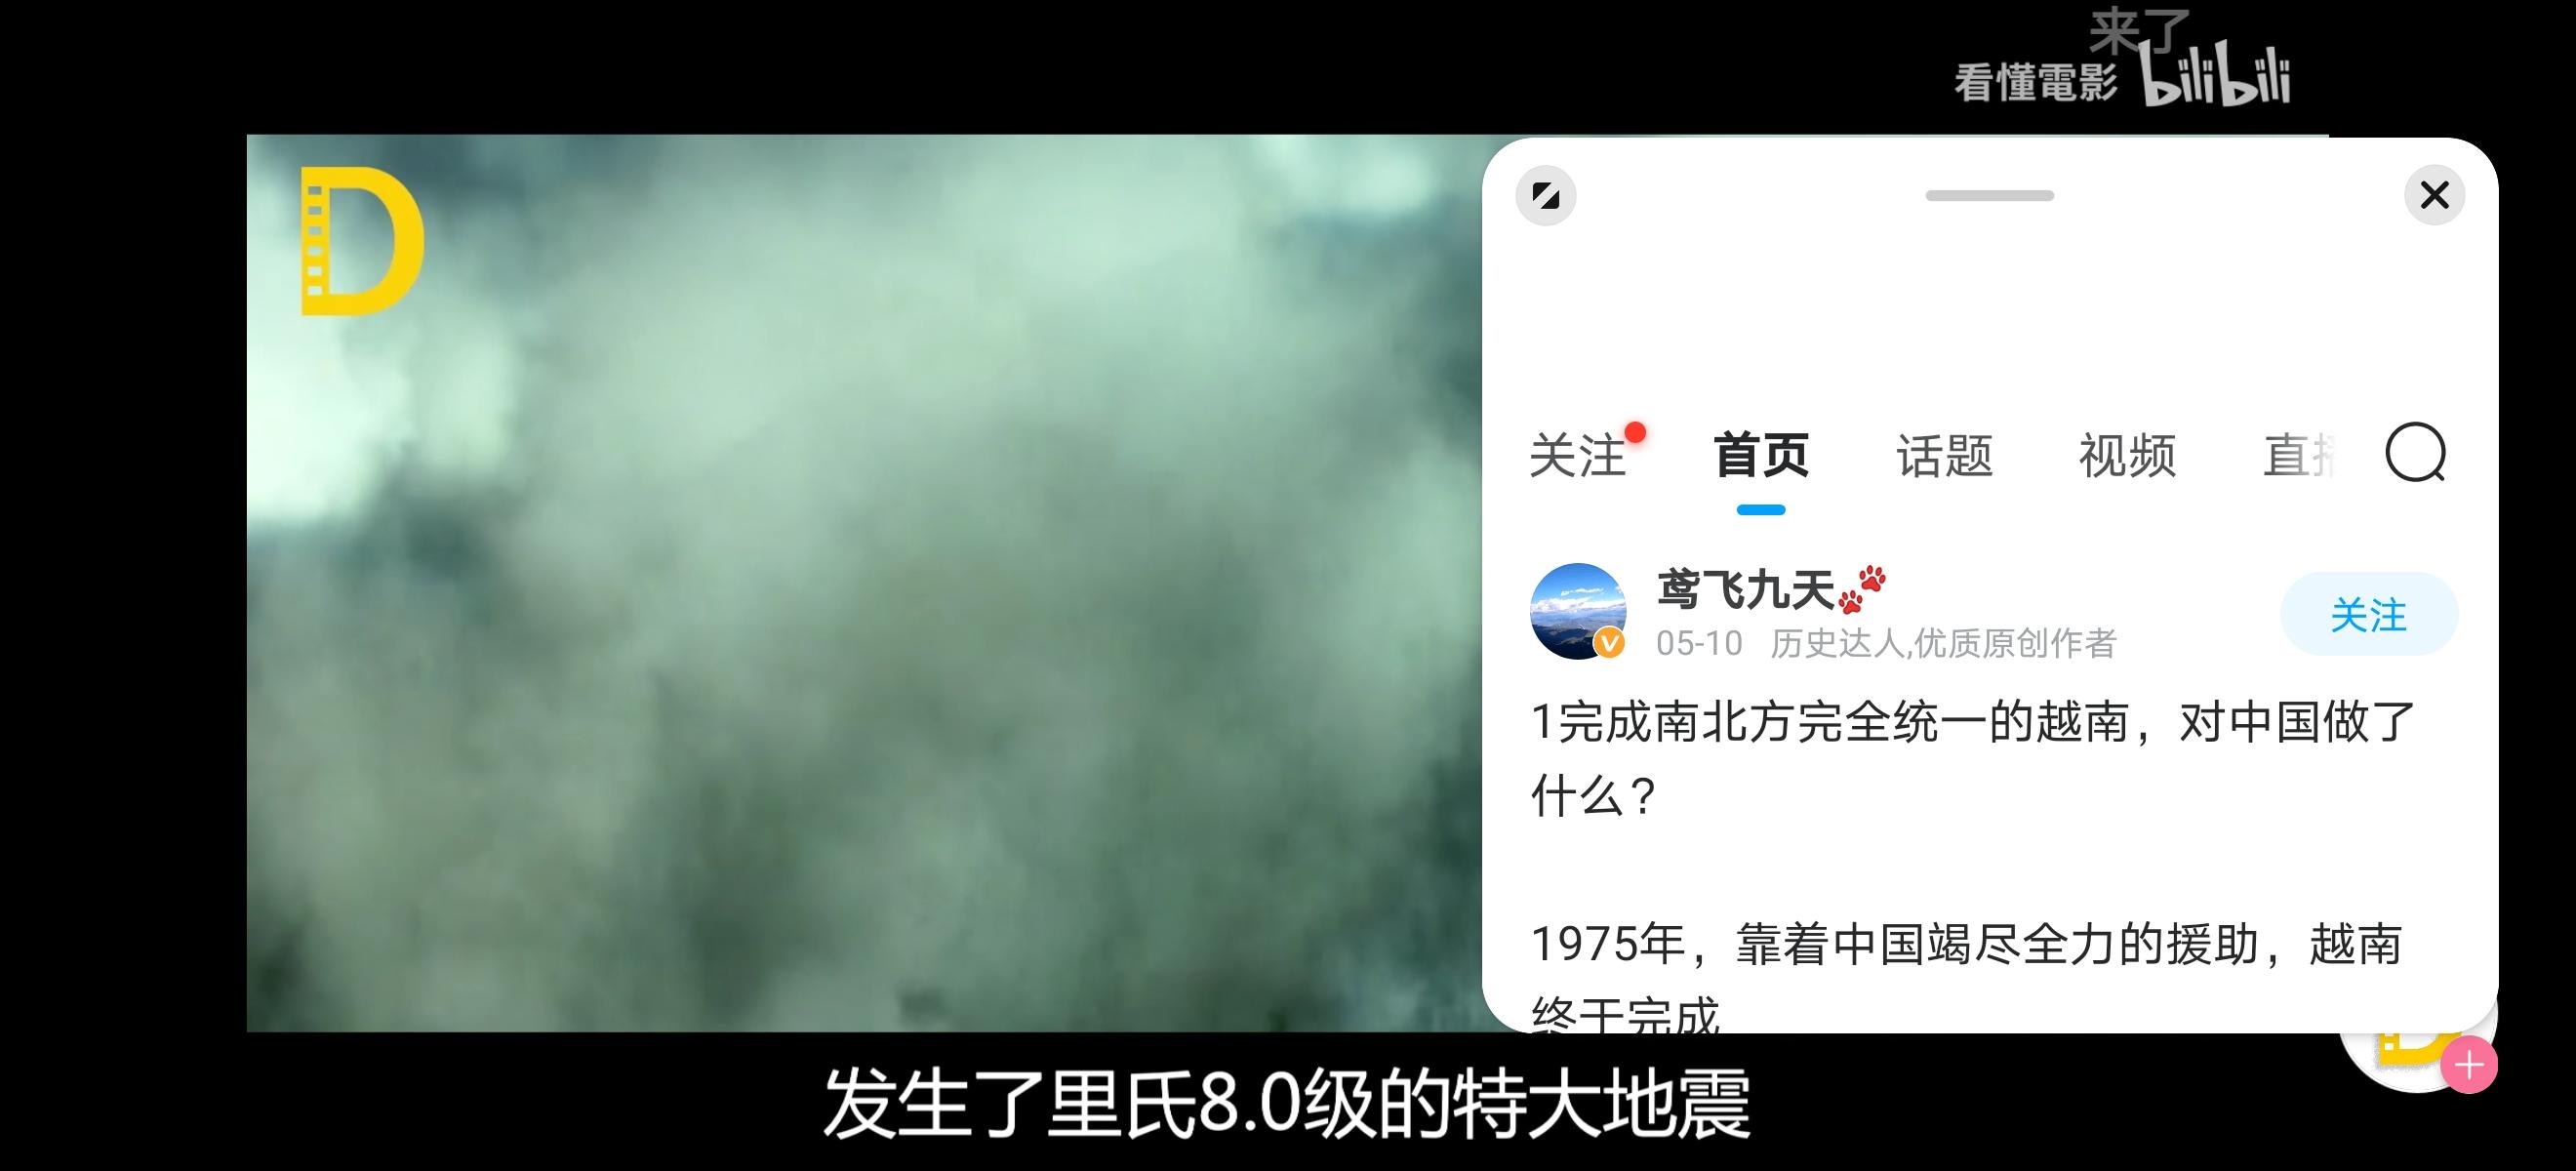 Screenshot_20200512_233100_com.baidu.tieba.jpg